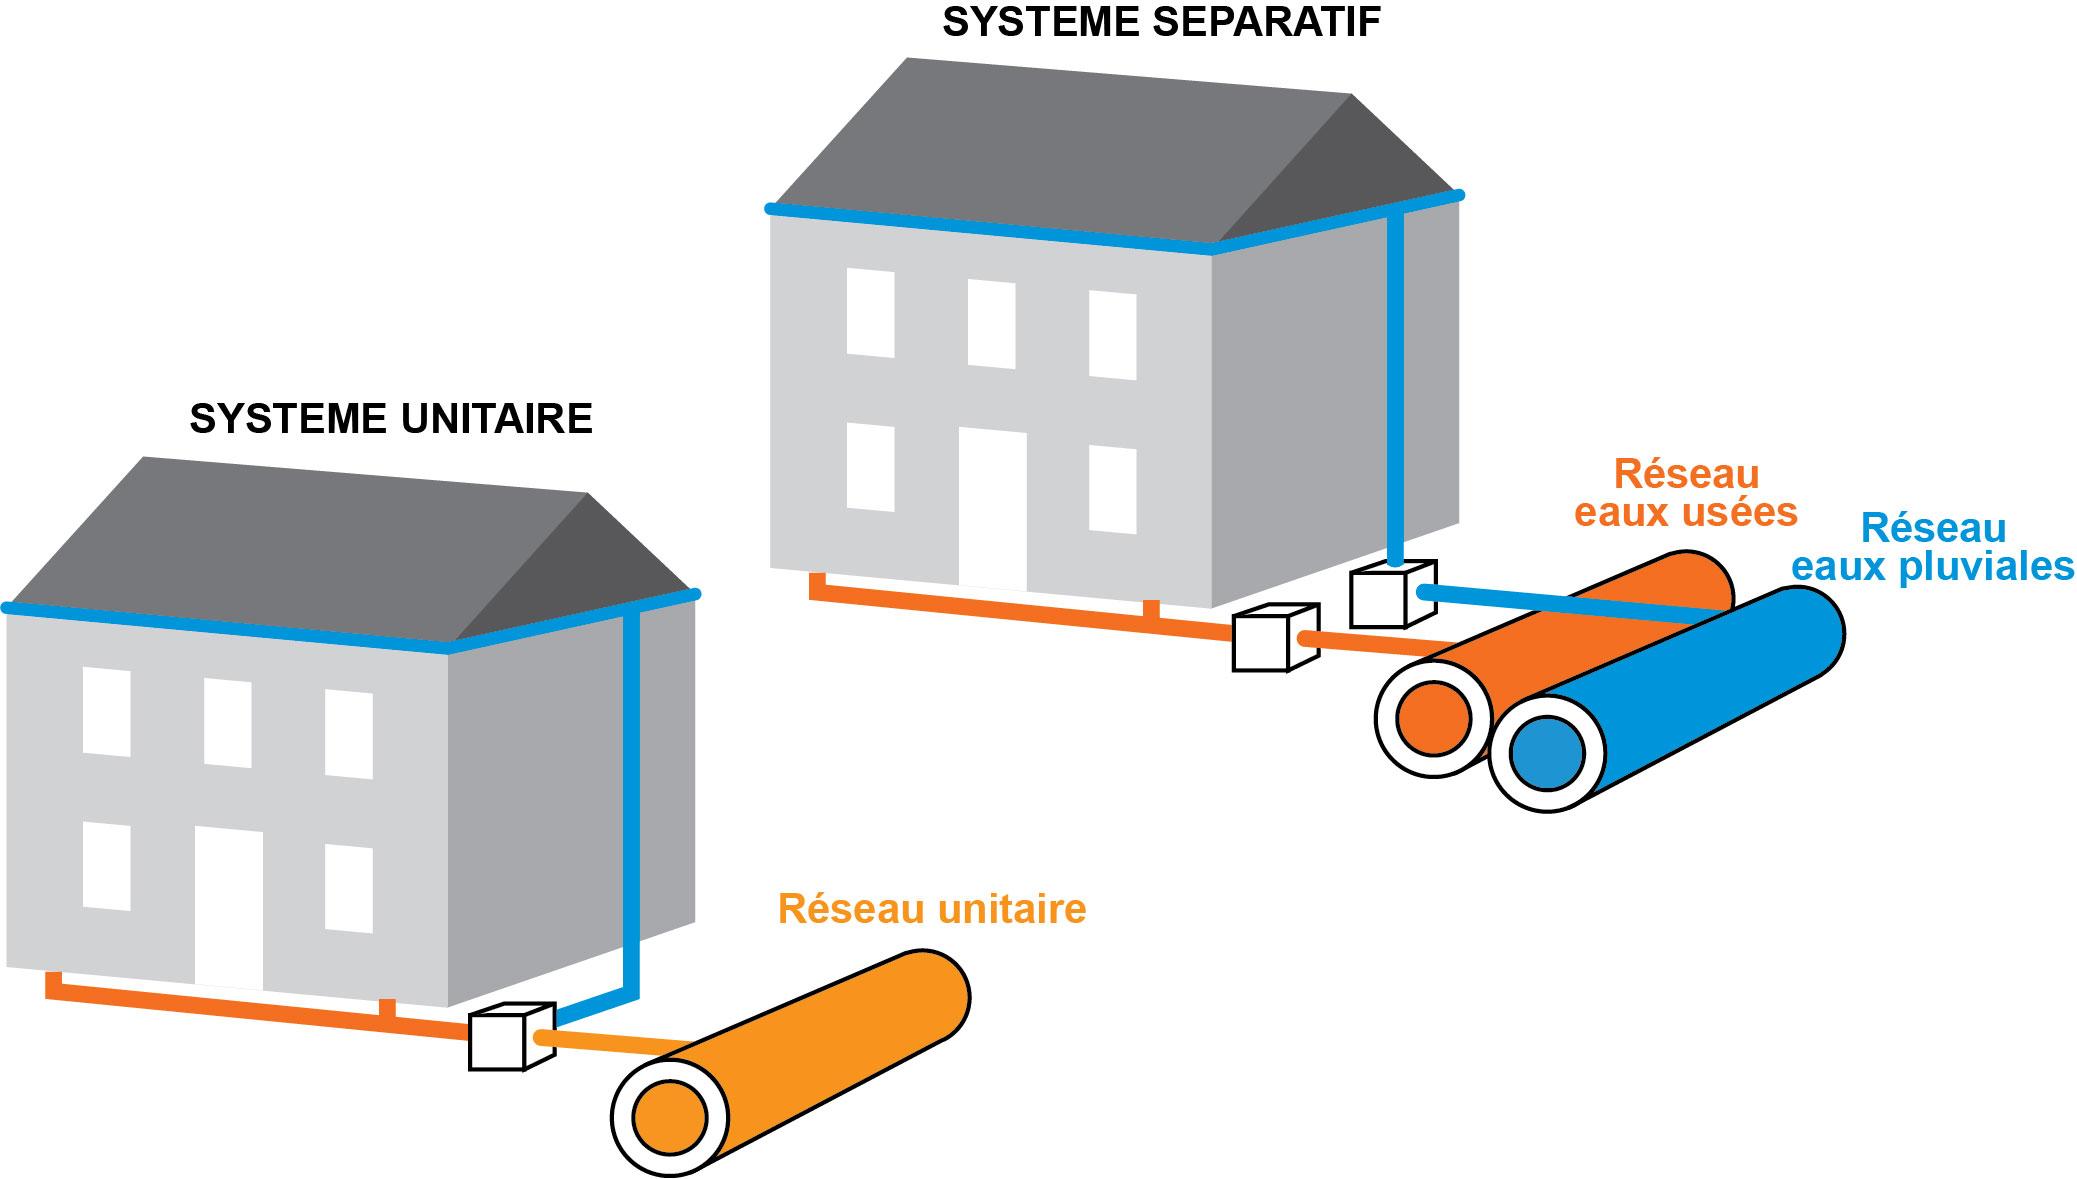 Systemes réseaux